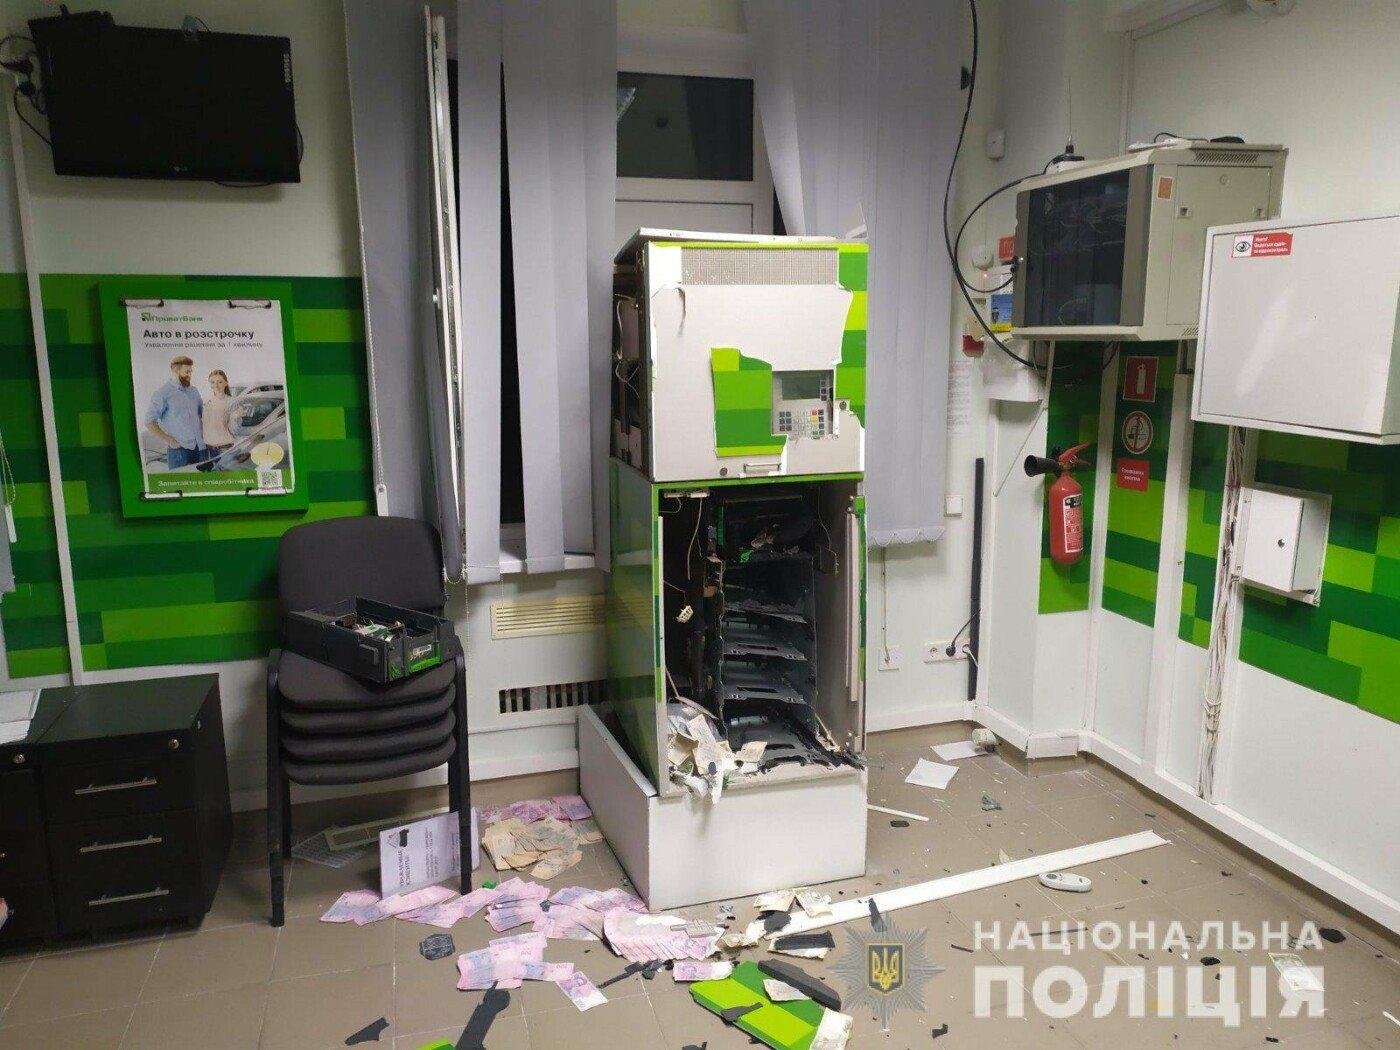 """Ограбление отделения """"Приватбанка"""", Фото нацполиции"""